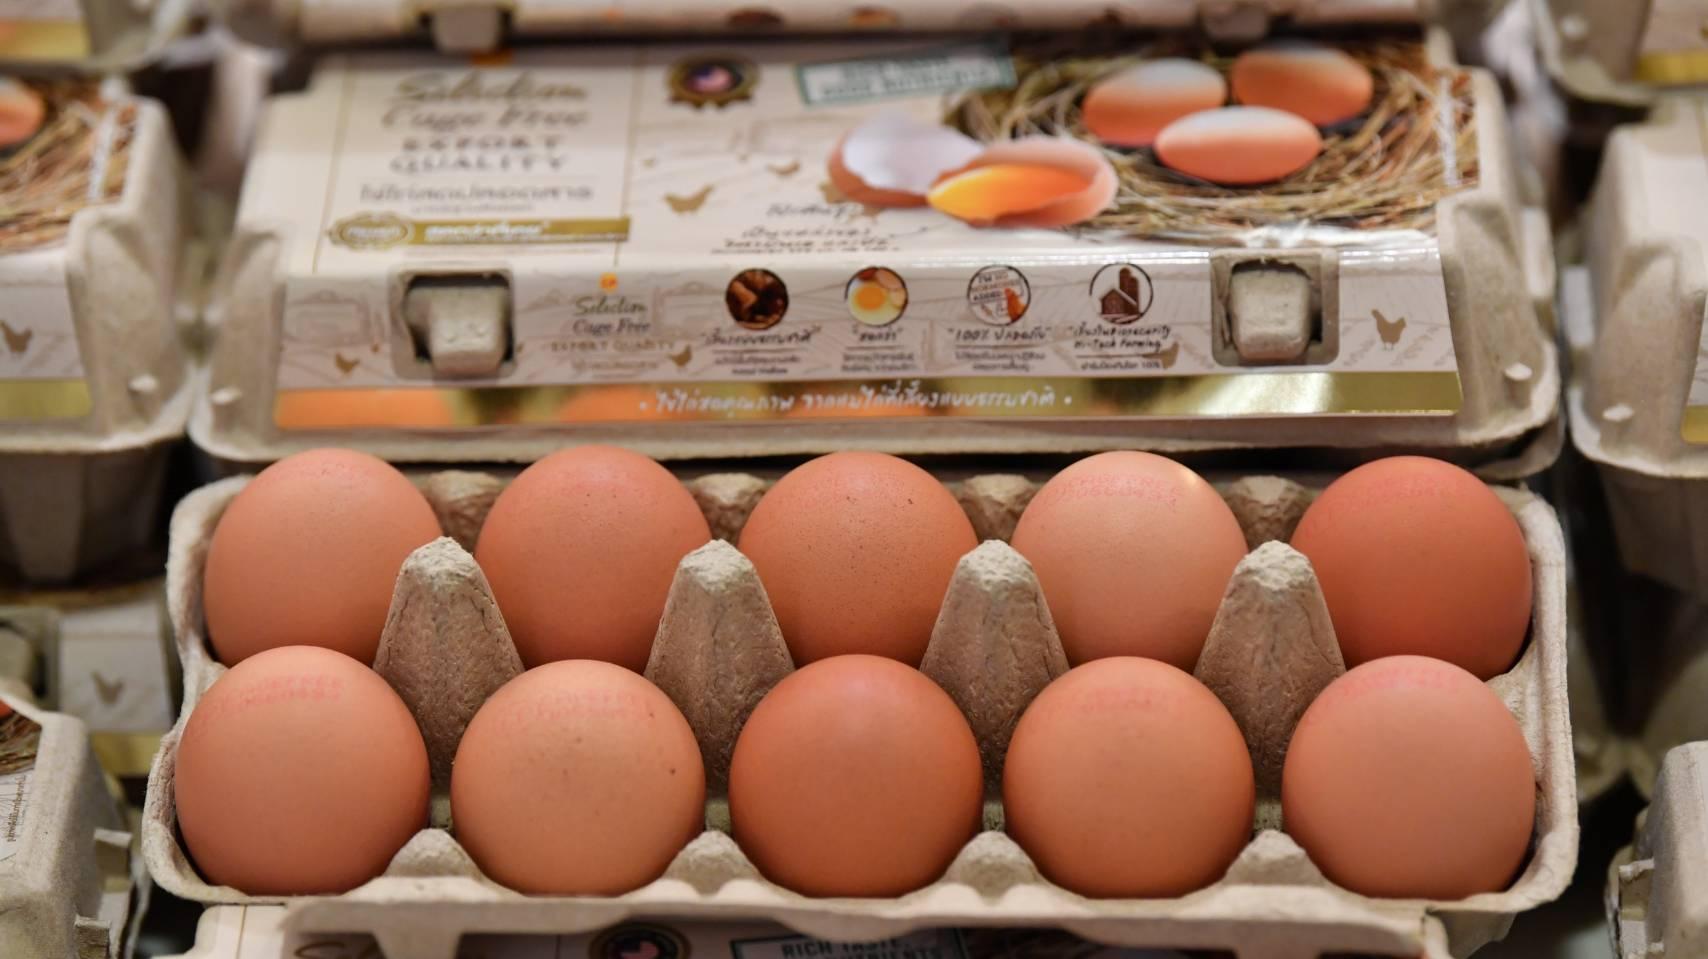 ซีพีเอฟ หนุนรัฐเร่งส่งออกไข่ระบายส่วนเกิน สร้างเสถียรภาพราคาในประเทศช่วยเกษตรกร สำนักพิมพ์แม่บ้าน